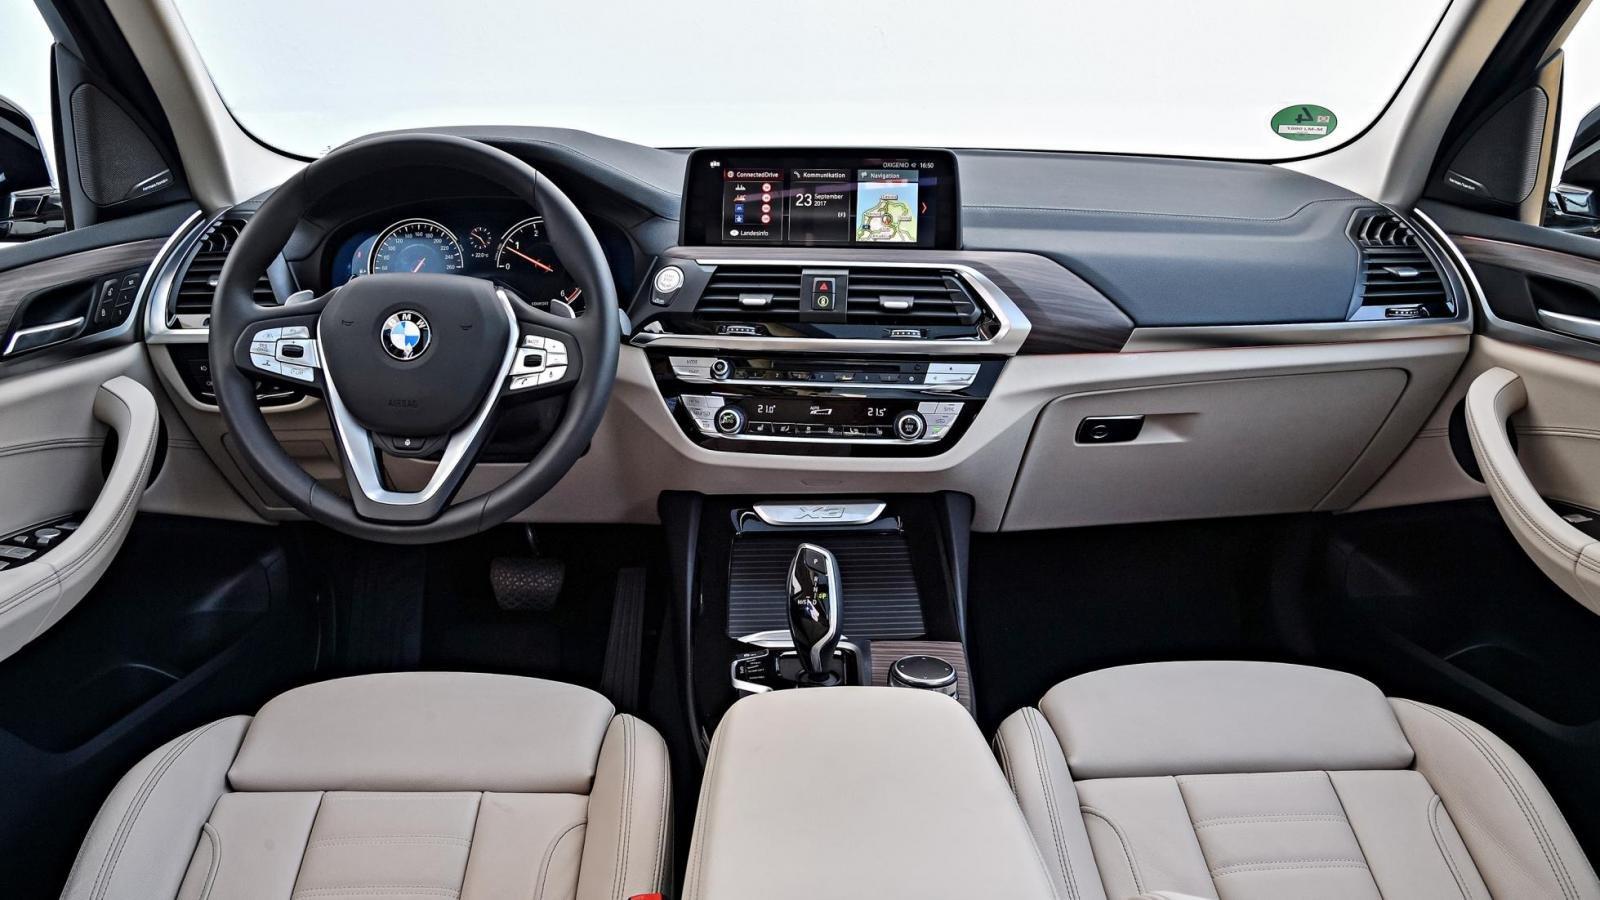 Thông số kỹ thuật xe BMW X3 2020 mới nhấtn